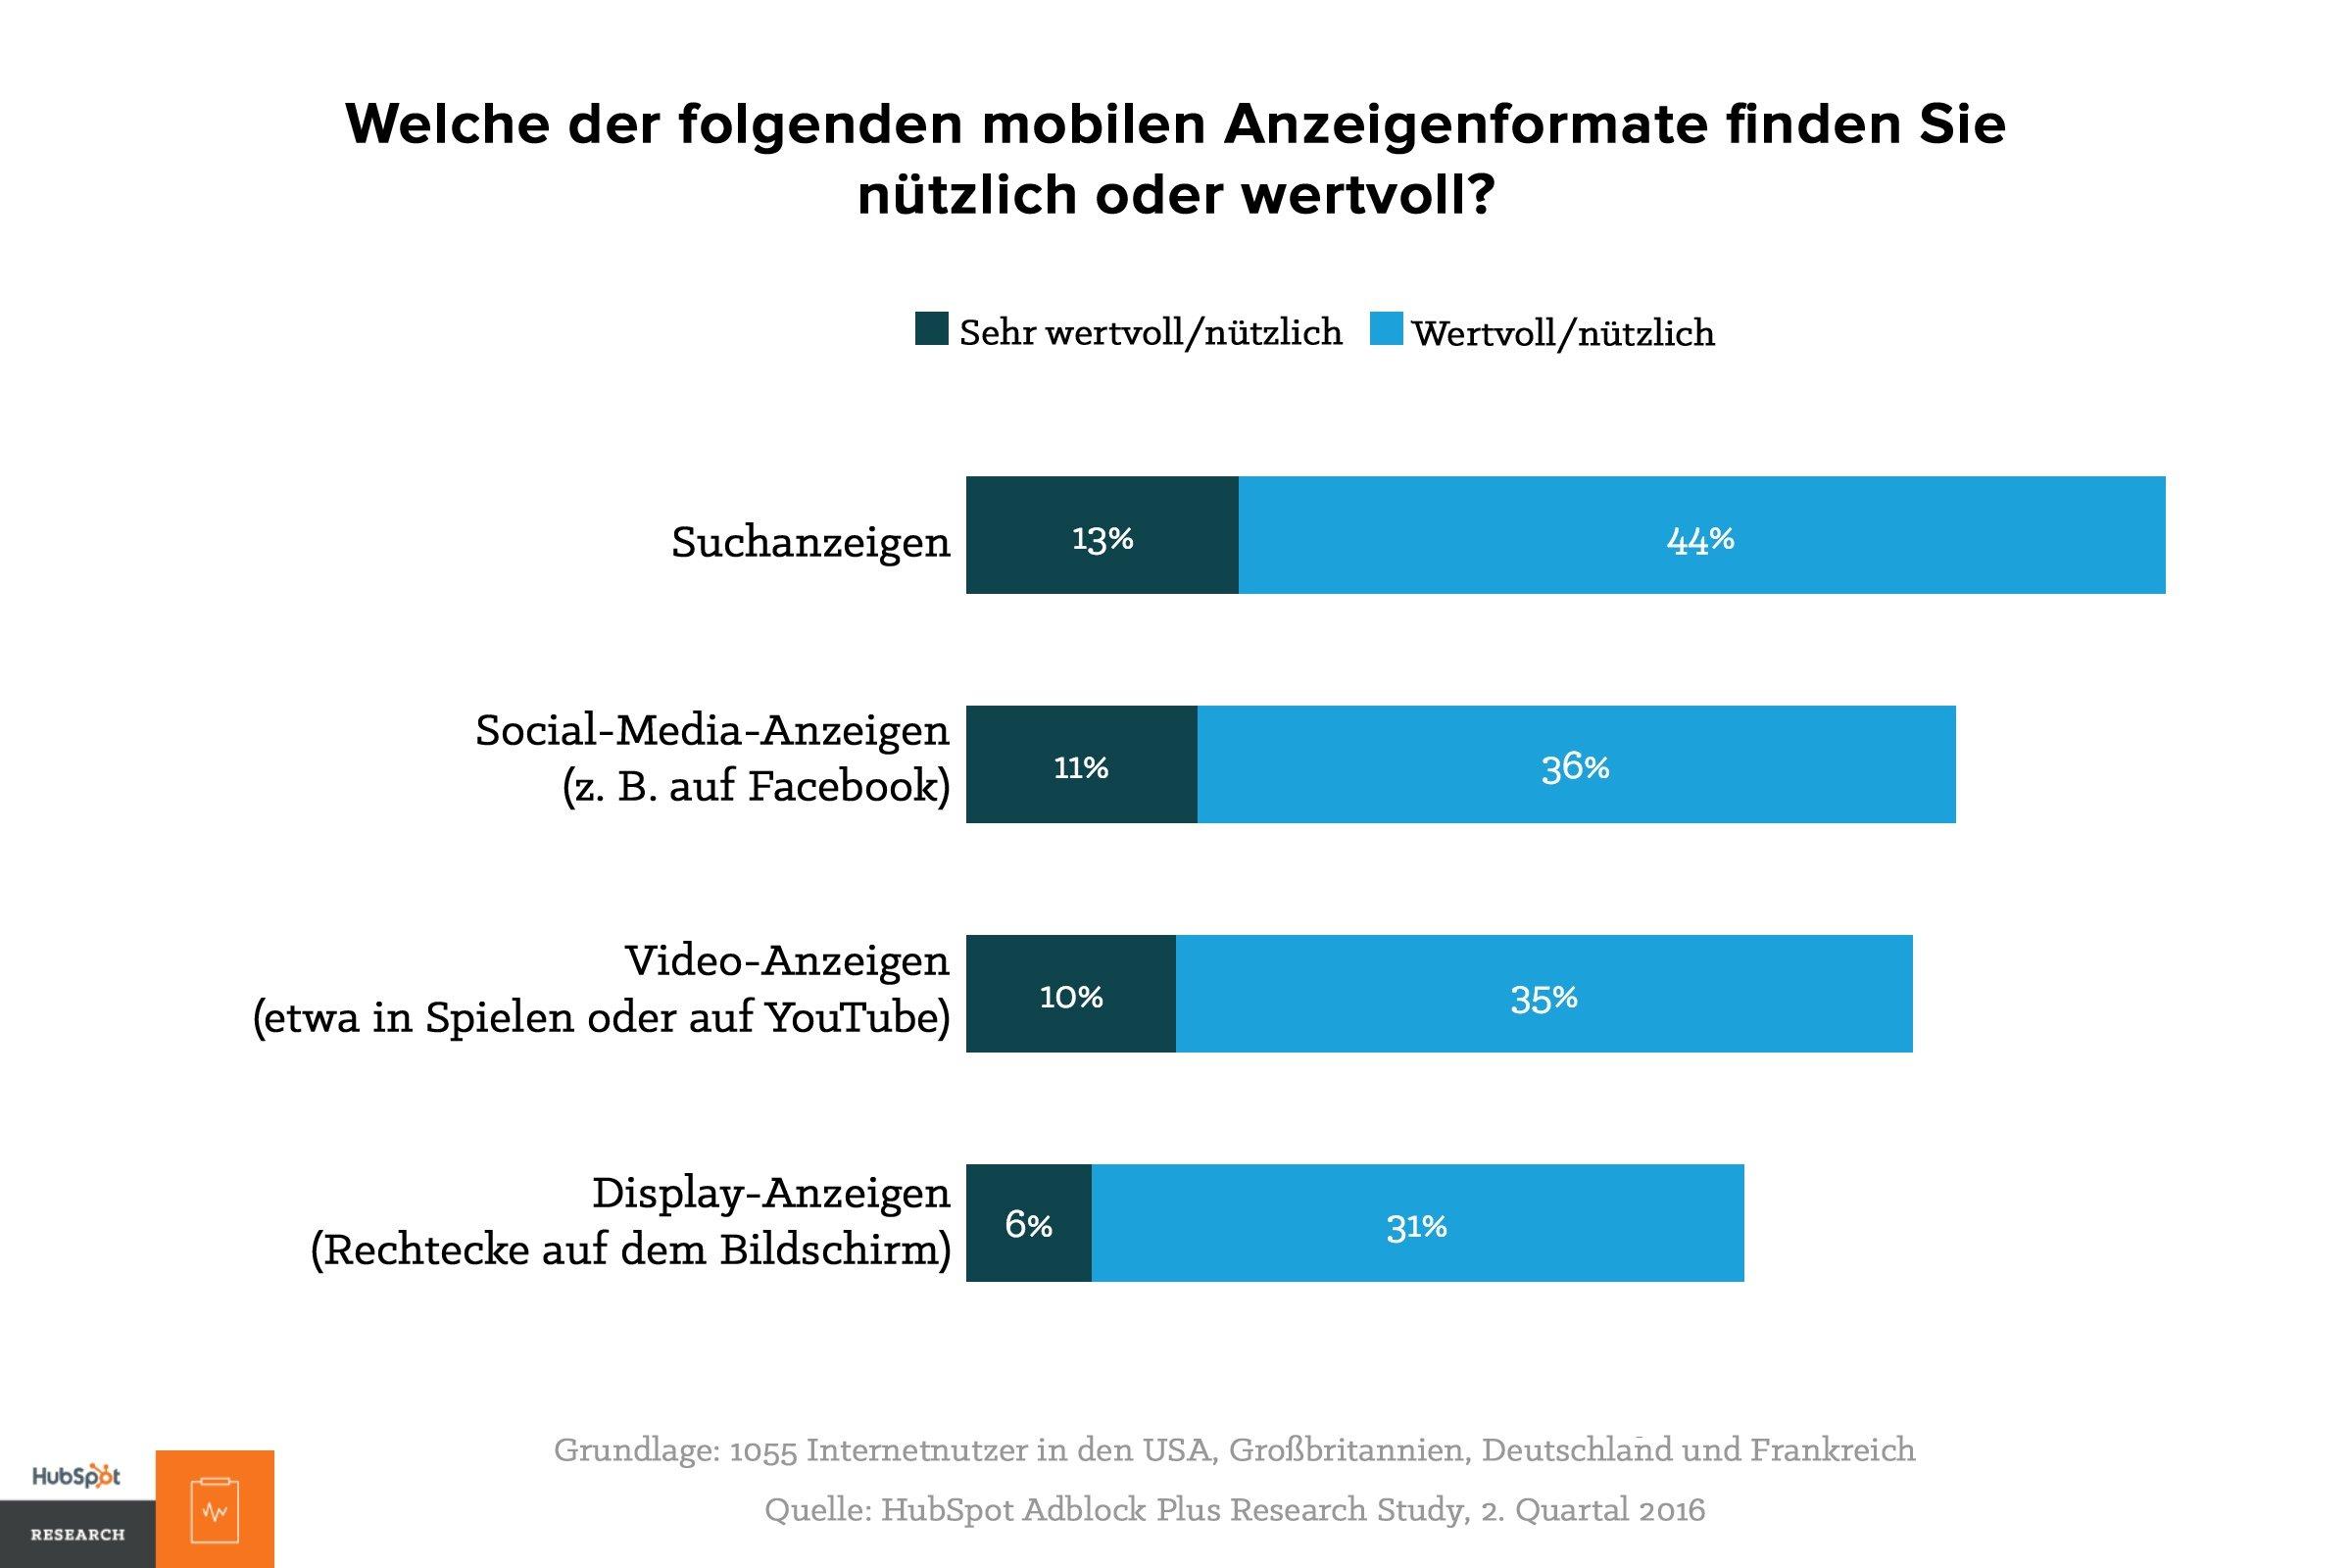 HubSpot - Facebook-Anzeigen in 2017 - Vorlieben bei mobilen Anzeigenformaten